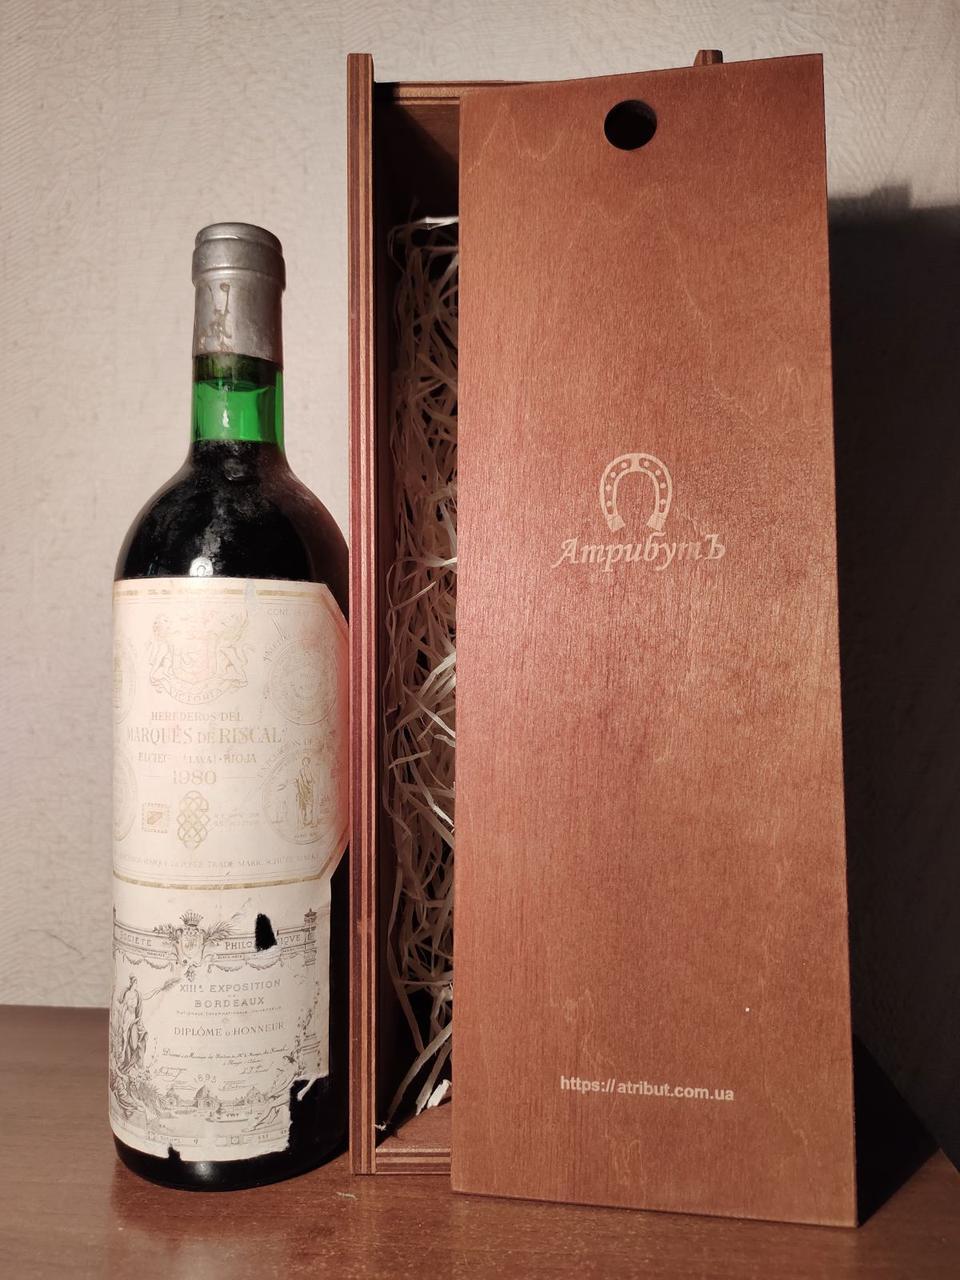 Вино 1980 року Marcues de Riscal Rioja, Іспанія